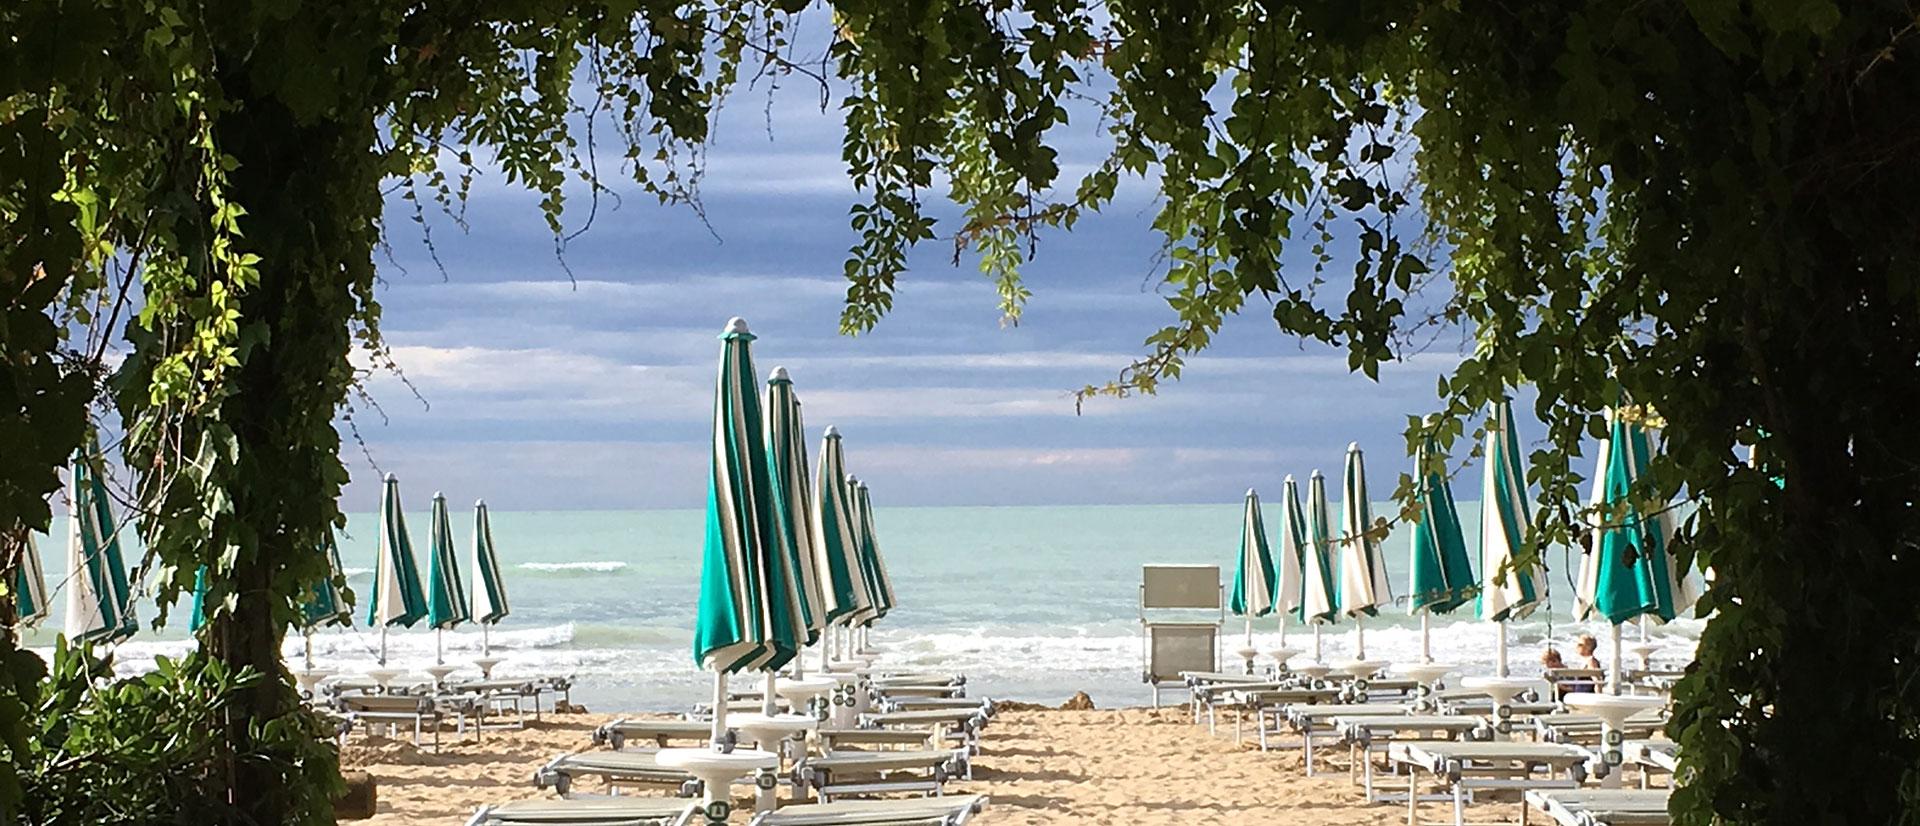 jesolo-hotel-sulla-spiaggia-3